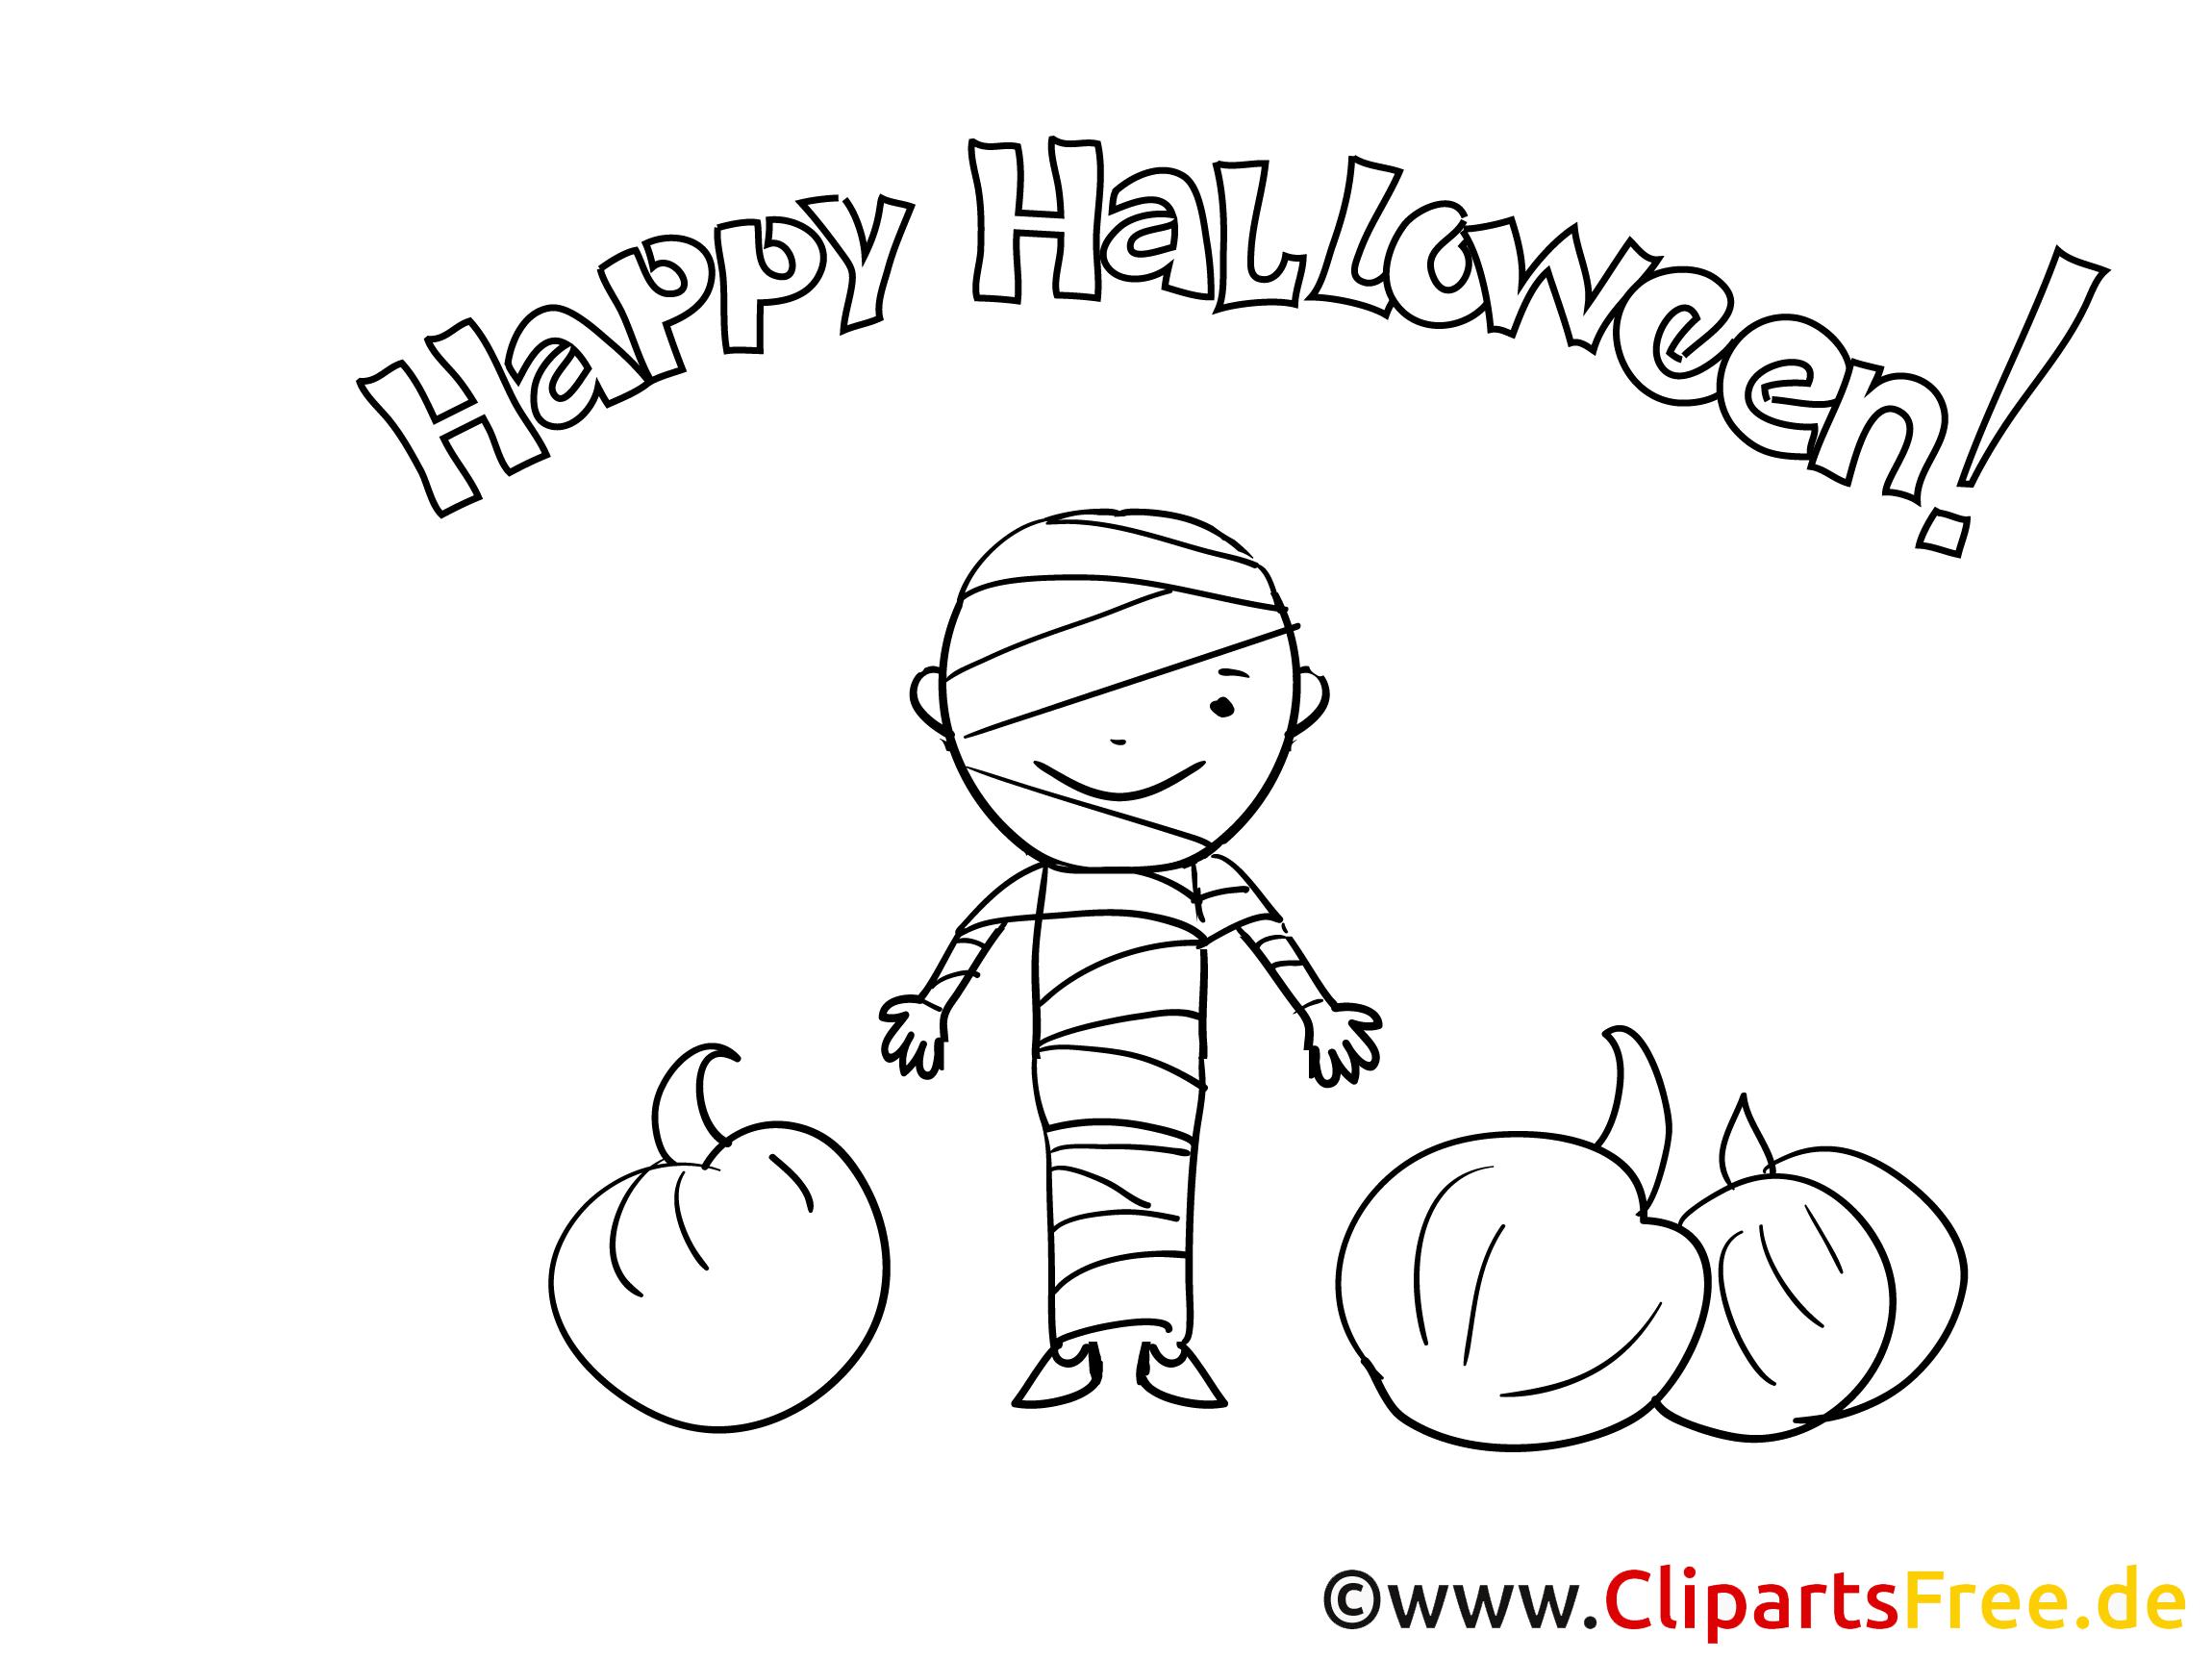 Witzige Malvorlage zu Halloween